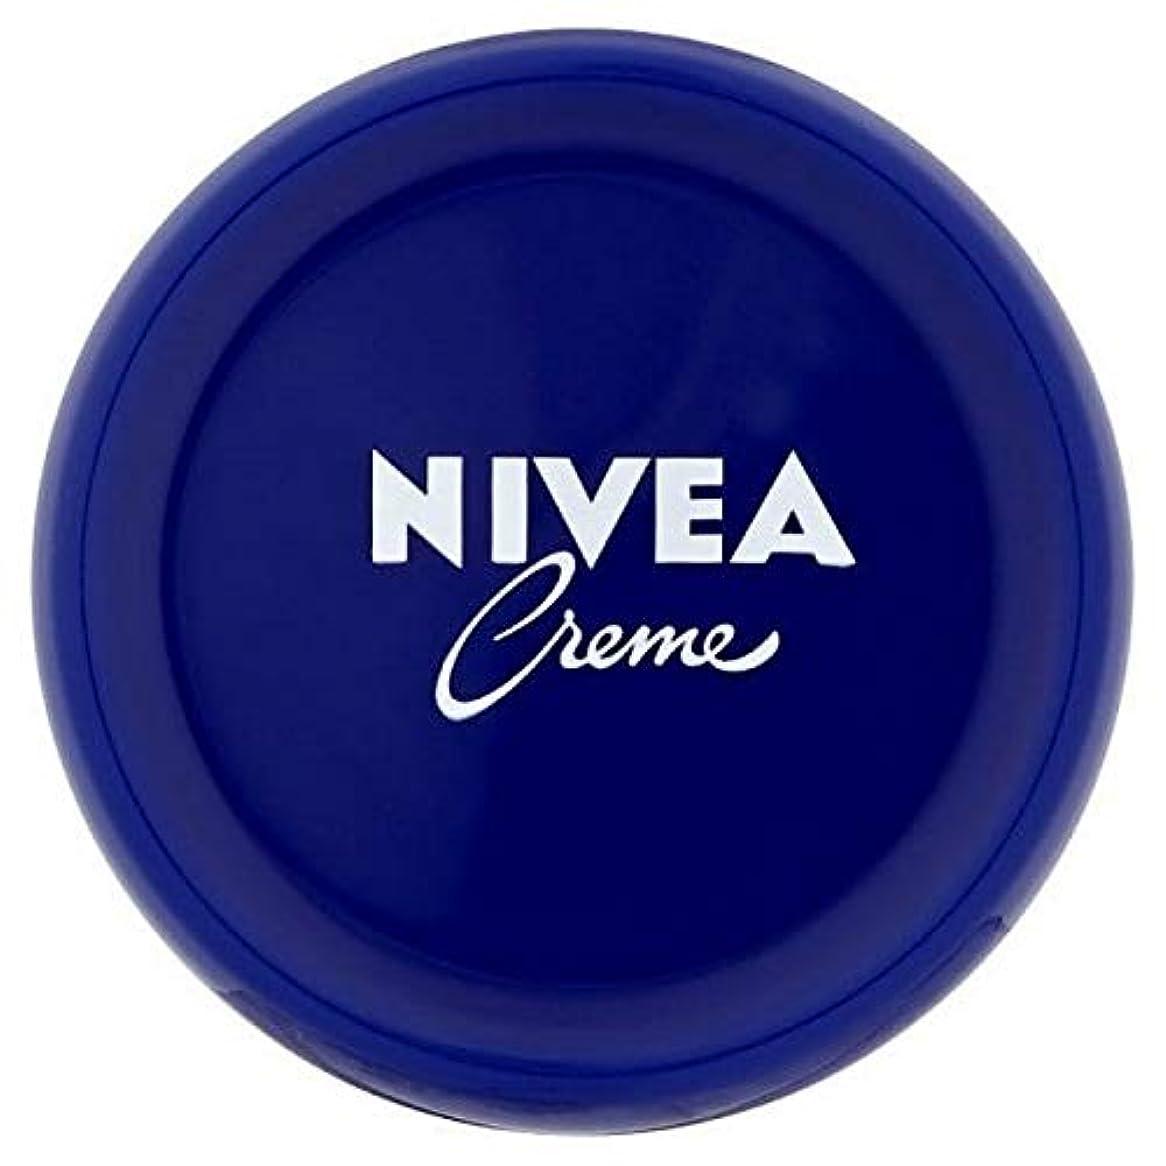 健全苛性日食[Nivea ] ニベアクリーム万能ボディクリーム、50ミリリットル - NIVEA Creme All Purpose Body Cream, 50ml [並行輸入品]